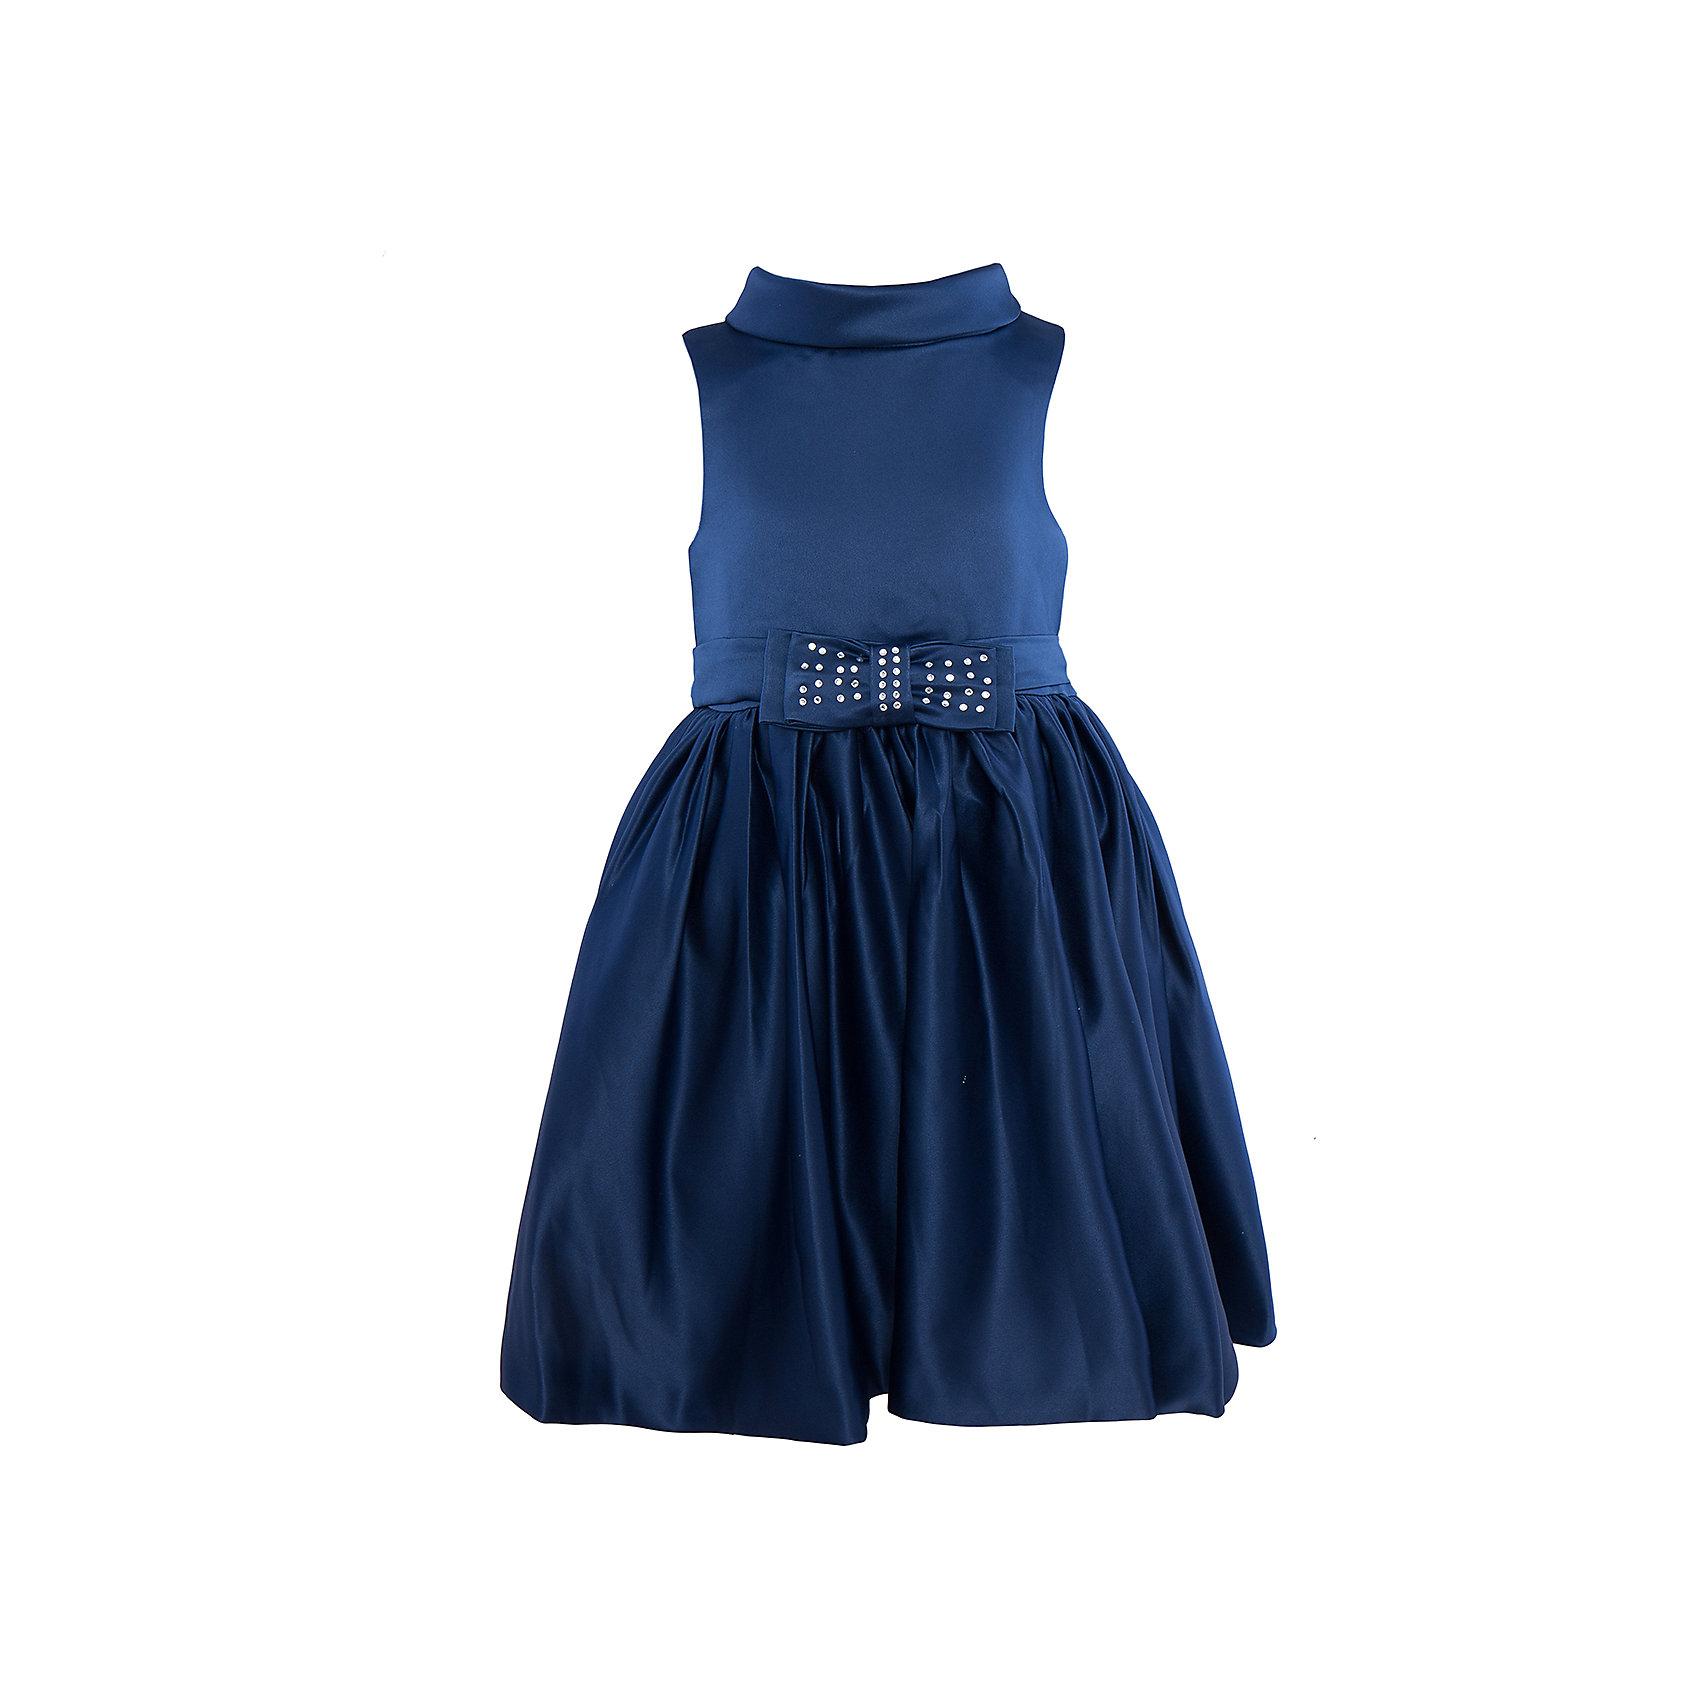 Нарядное платье для девочки Sweet BerryОдежда<br>Характеристики:<br><br>• Вид одежды: платье<br>• Предназначение: для праздника, торжеств<br>• Сезон: круглый год<br>• Материал: верх – 100% полиэстер; подкладка – 100% хлопок<br>• Цвет: синий<br>• Силуэт: классический А-силуэт<br>• Длина платья: миди<br>• Вырез горловины: круглый<br>• Воротник: хомут мягкий<br>• Наличие объемного пояса с 2-мя декоративными бантами<br>• Застежка: молния на спинке<br>• Особенности ухода: ручная стирка без применения отбеливающих средств, глажение при низкой температуре <br><br>Sweet Berry – это производитель, который сочетает в своей одежде функциональность, качество, стиль и следование современным мировым тенденциям в детской текстильной индустрии. <br>Платье для девочки от знаменитого производителя детской одежды Sweet Berry выполнено из полиэстера с хлопковым подкладкой. Изделие имеет классический силуэт с отрезной талией и пышной юбкой. Пышность юбке придает подъюбник из сетки. Изделие выполнено из атласной ткани модного синего оттенка с воротником в форме мягкого хомута. В комплекте имеется пояс с двумя декоративными бантами: спереди небольшой бантик, оформленный стразами, сзади – большой объемный бант. Праздничное платье от Sweet Berry – это залог успеха вашего ребенка на любом торжестве!<br><br>Платье для девочки Sweet Berry можно купить в нашем интернет-магазине.<br><br>Ширина мм: 236<br>Глубина мм: 16<br>Высота мм: 184<br>Вес г: 177<br>Цвет: синий<br>Возраст от месяцев: 36<br>Возраст до месяцев: 48<br>Пол: Женский<br>Возраст: Детский<br>Размер: 104,98,110,116,122,128<br>SKU: 5052098